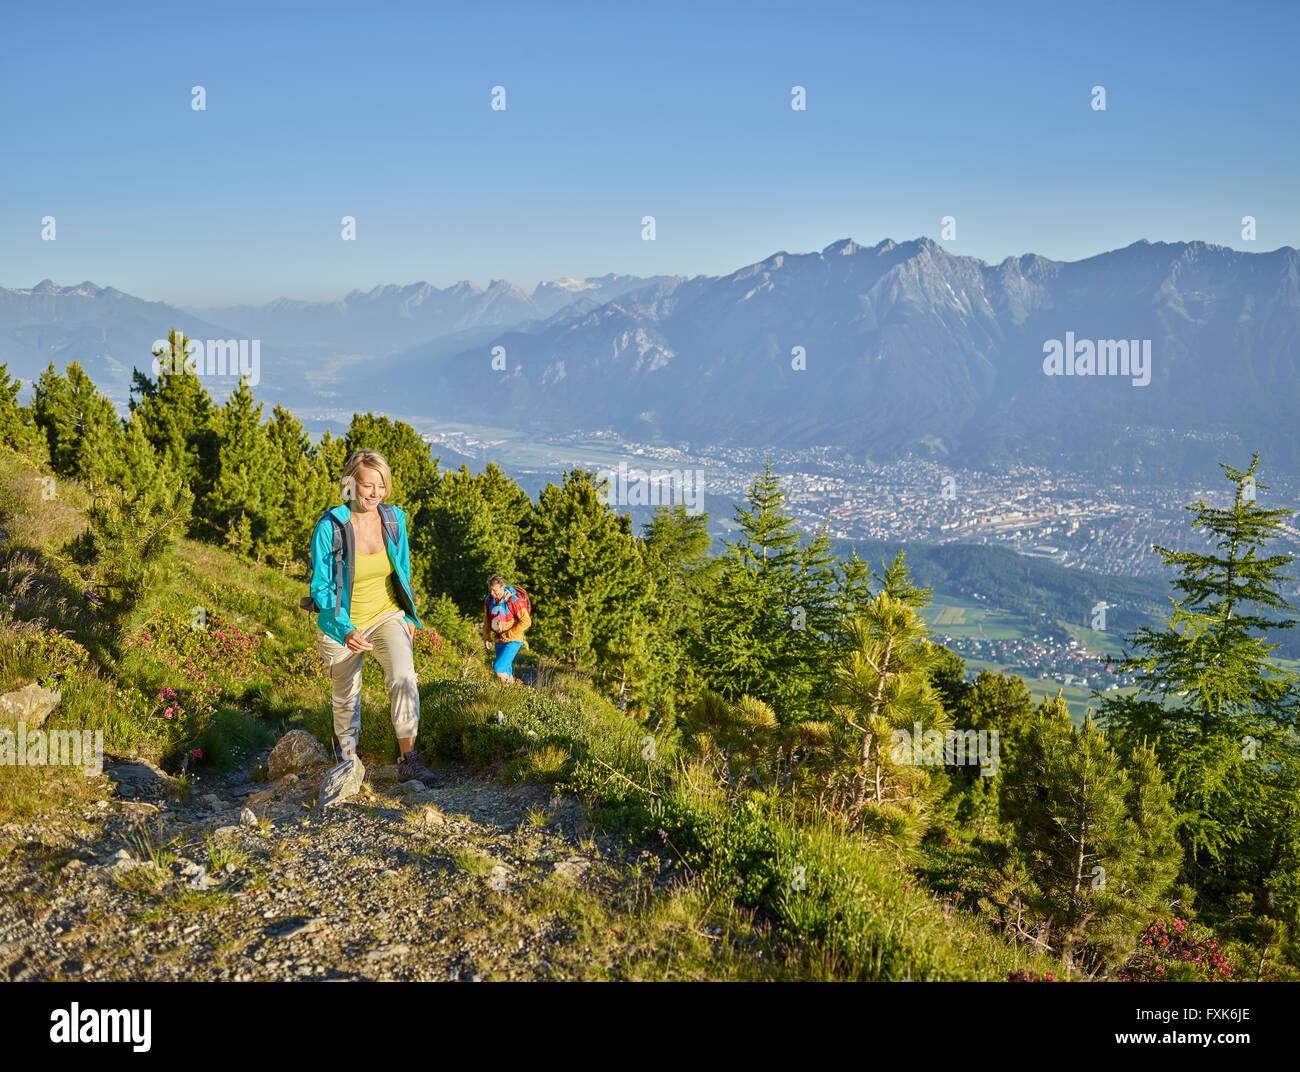 Homme Femme 35-40 ans et 40-45 ans randonnées, Zirbenweg, Patscherkofel, Innsbruck, Tyrol, Autriche Photo Stock